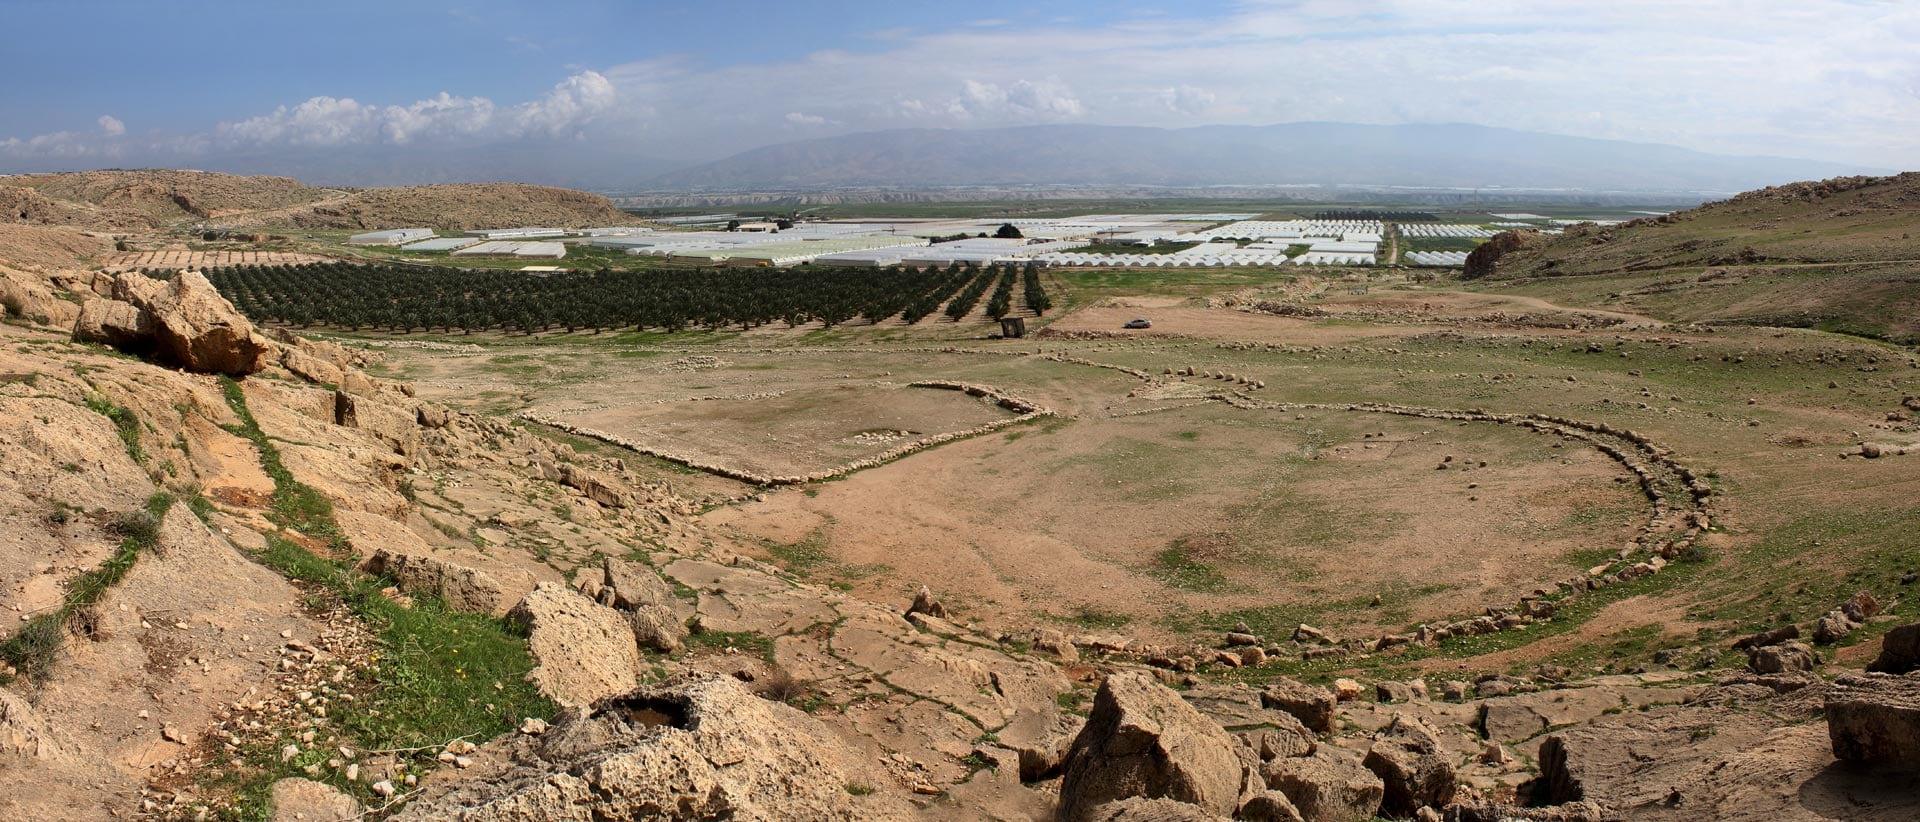 Acampamento dos Hebreus, Gilgal - Arqueologia Bíblica